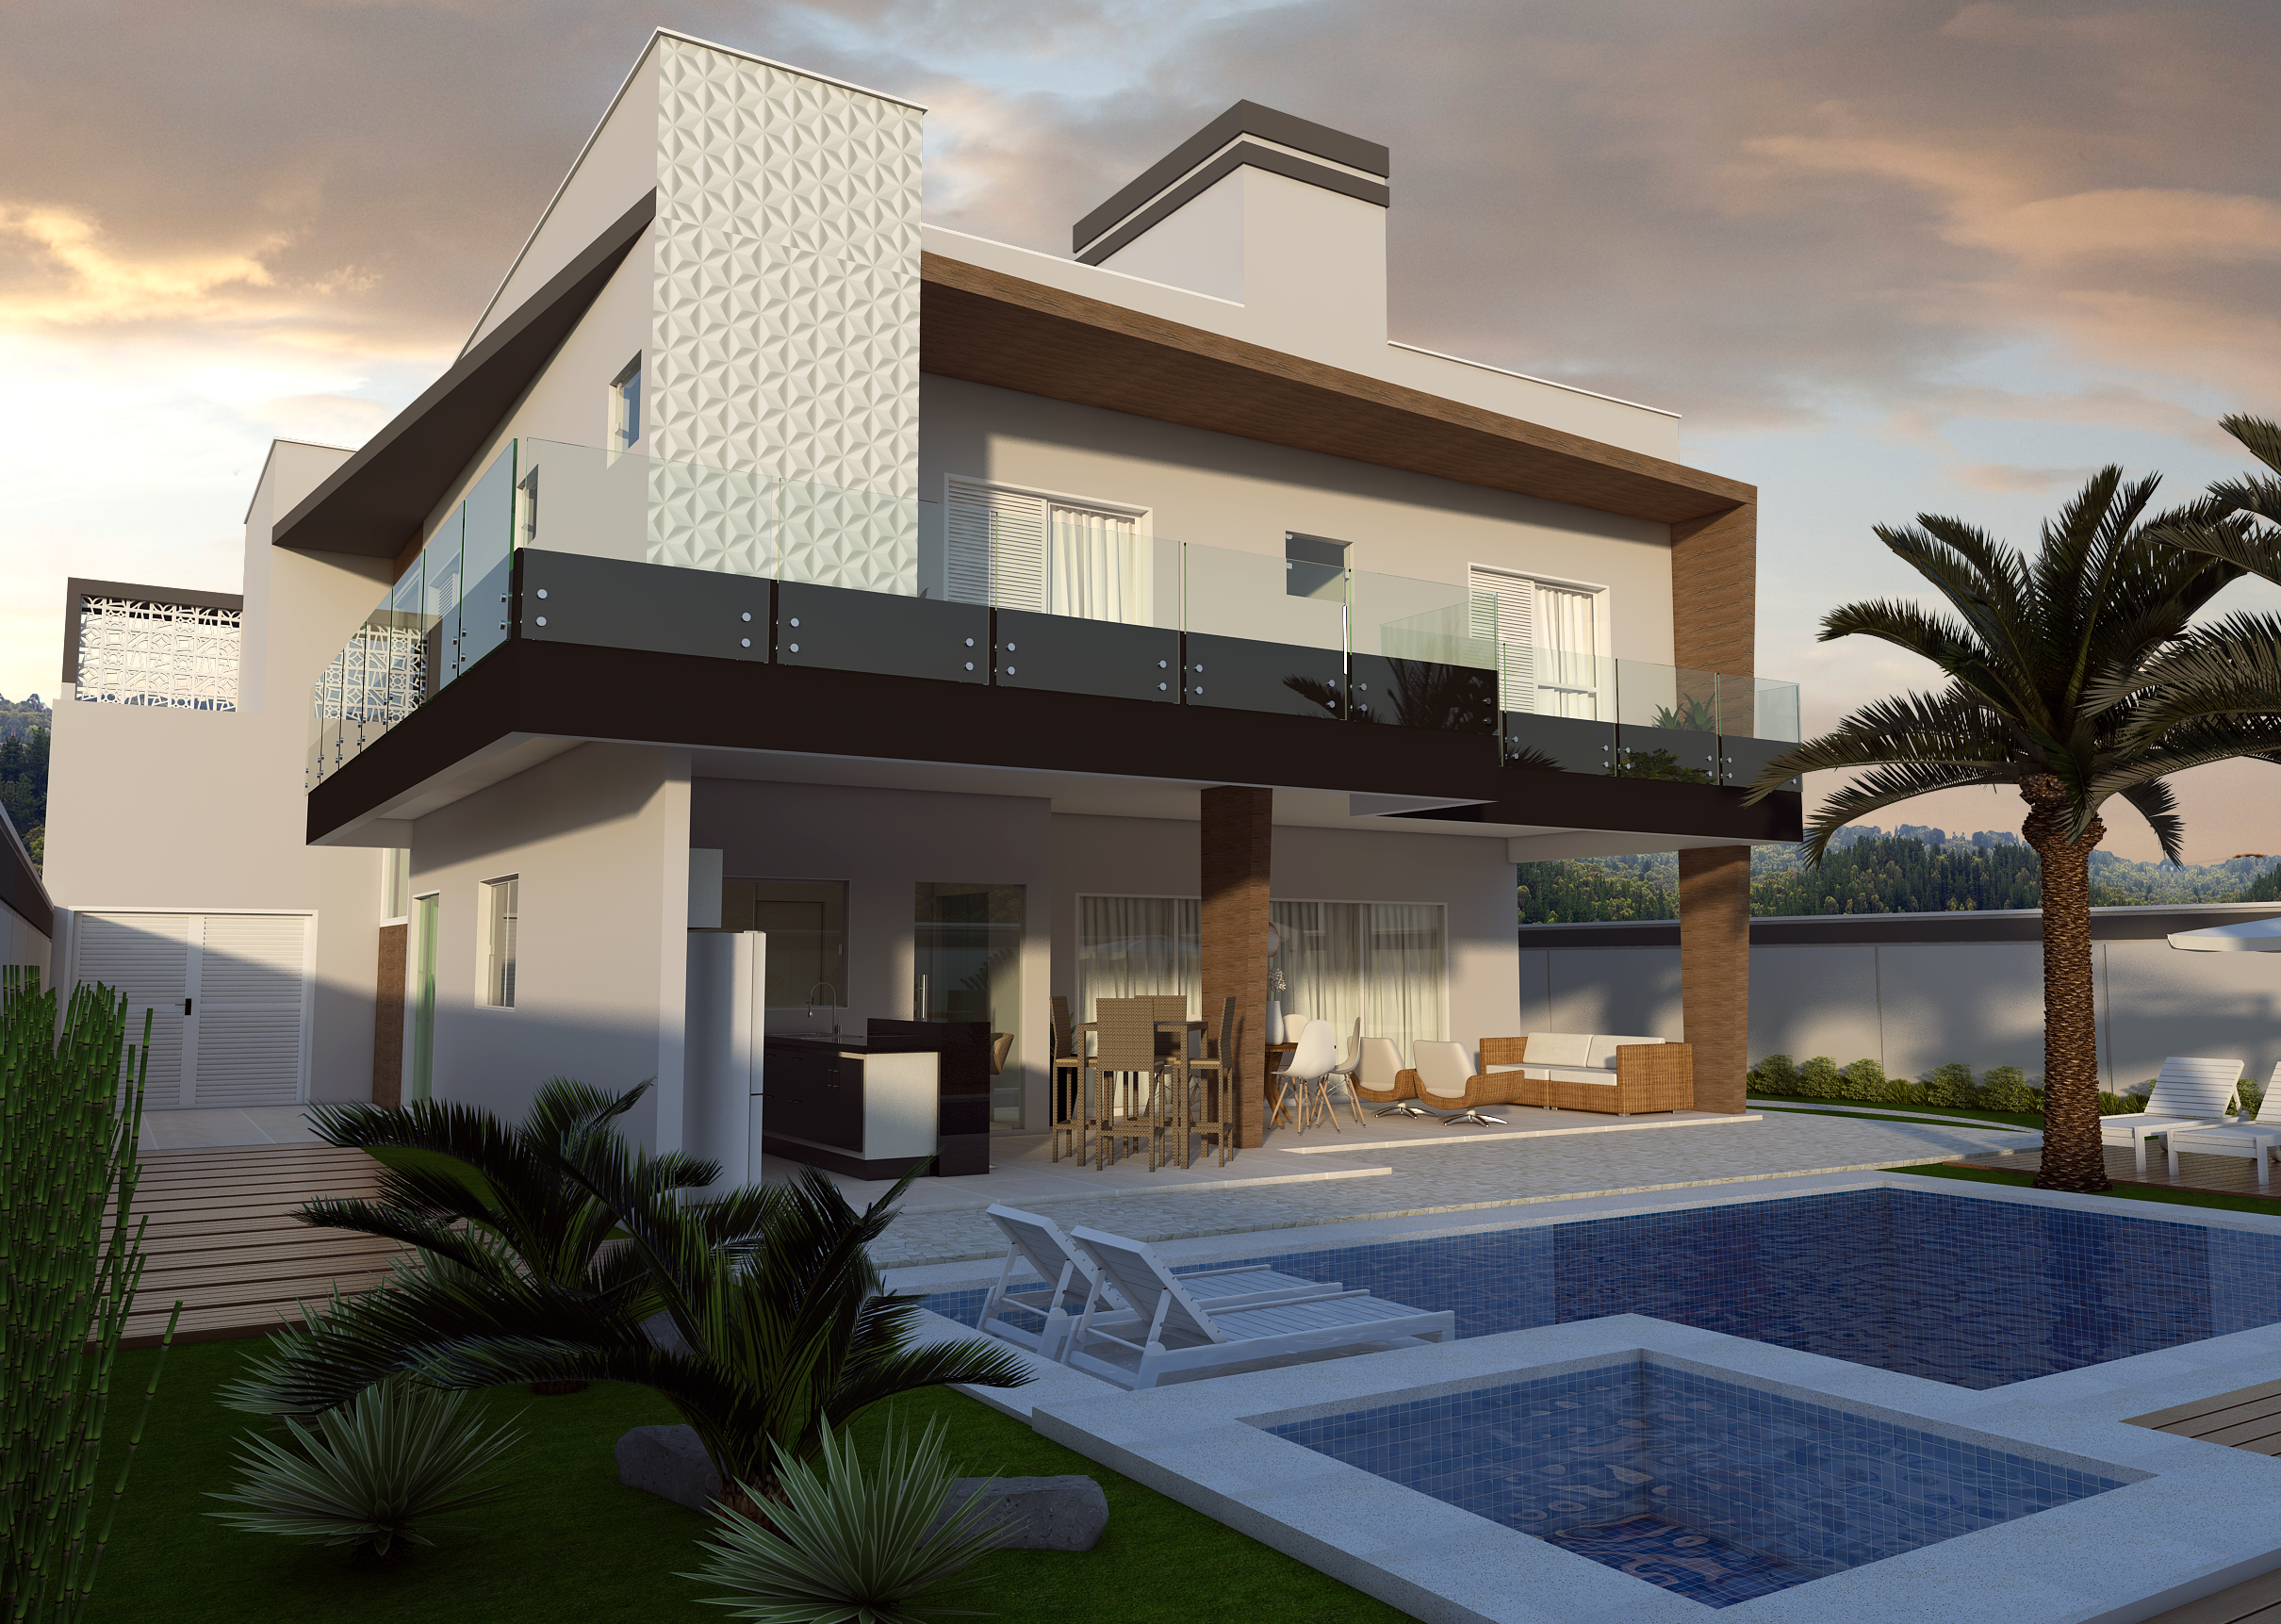 Projeto planta casa sobrado fachada moderna terreno plano for Download gratuito di piani casa moderna